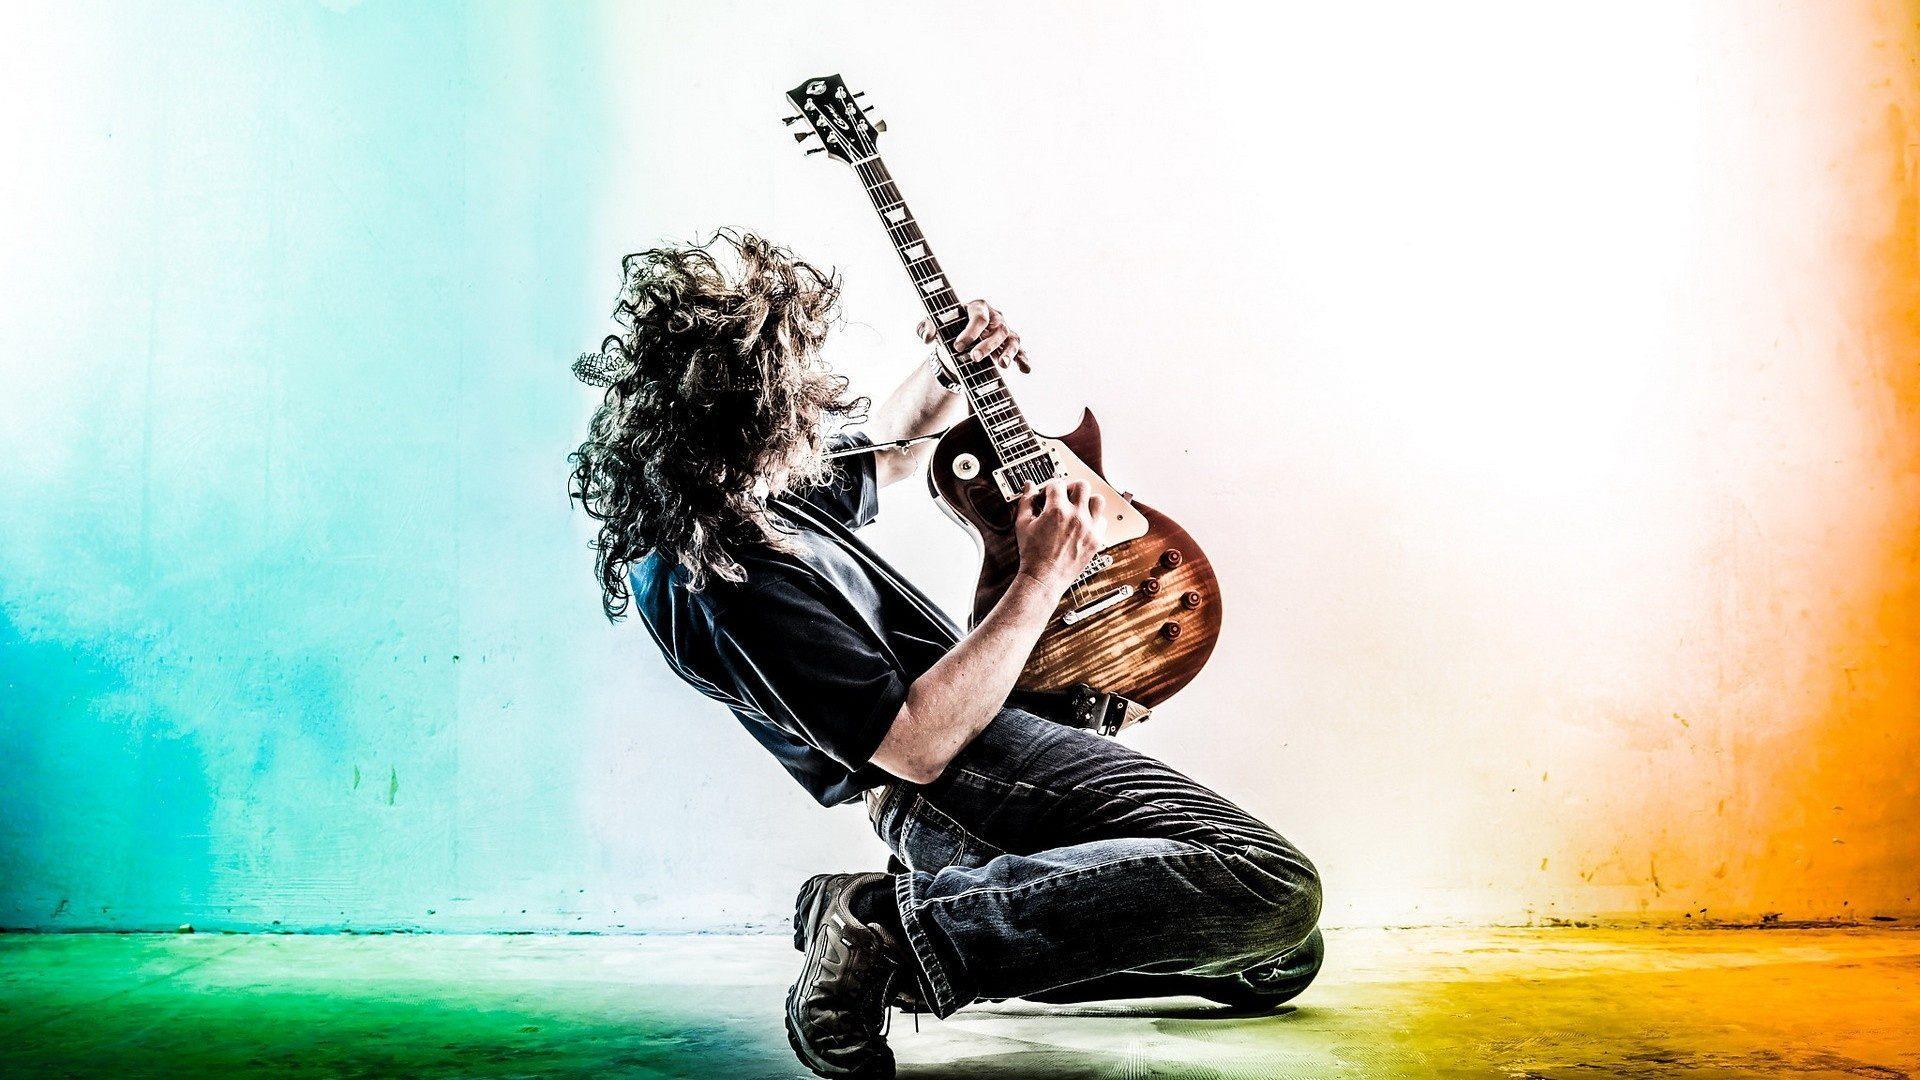 Green Guitar Wallpaper Hd Guitar Wallpapers 1080p 50159